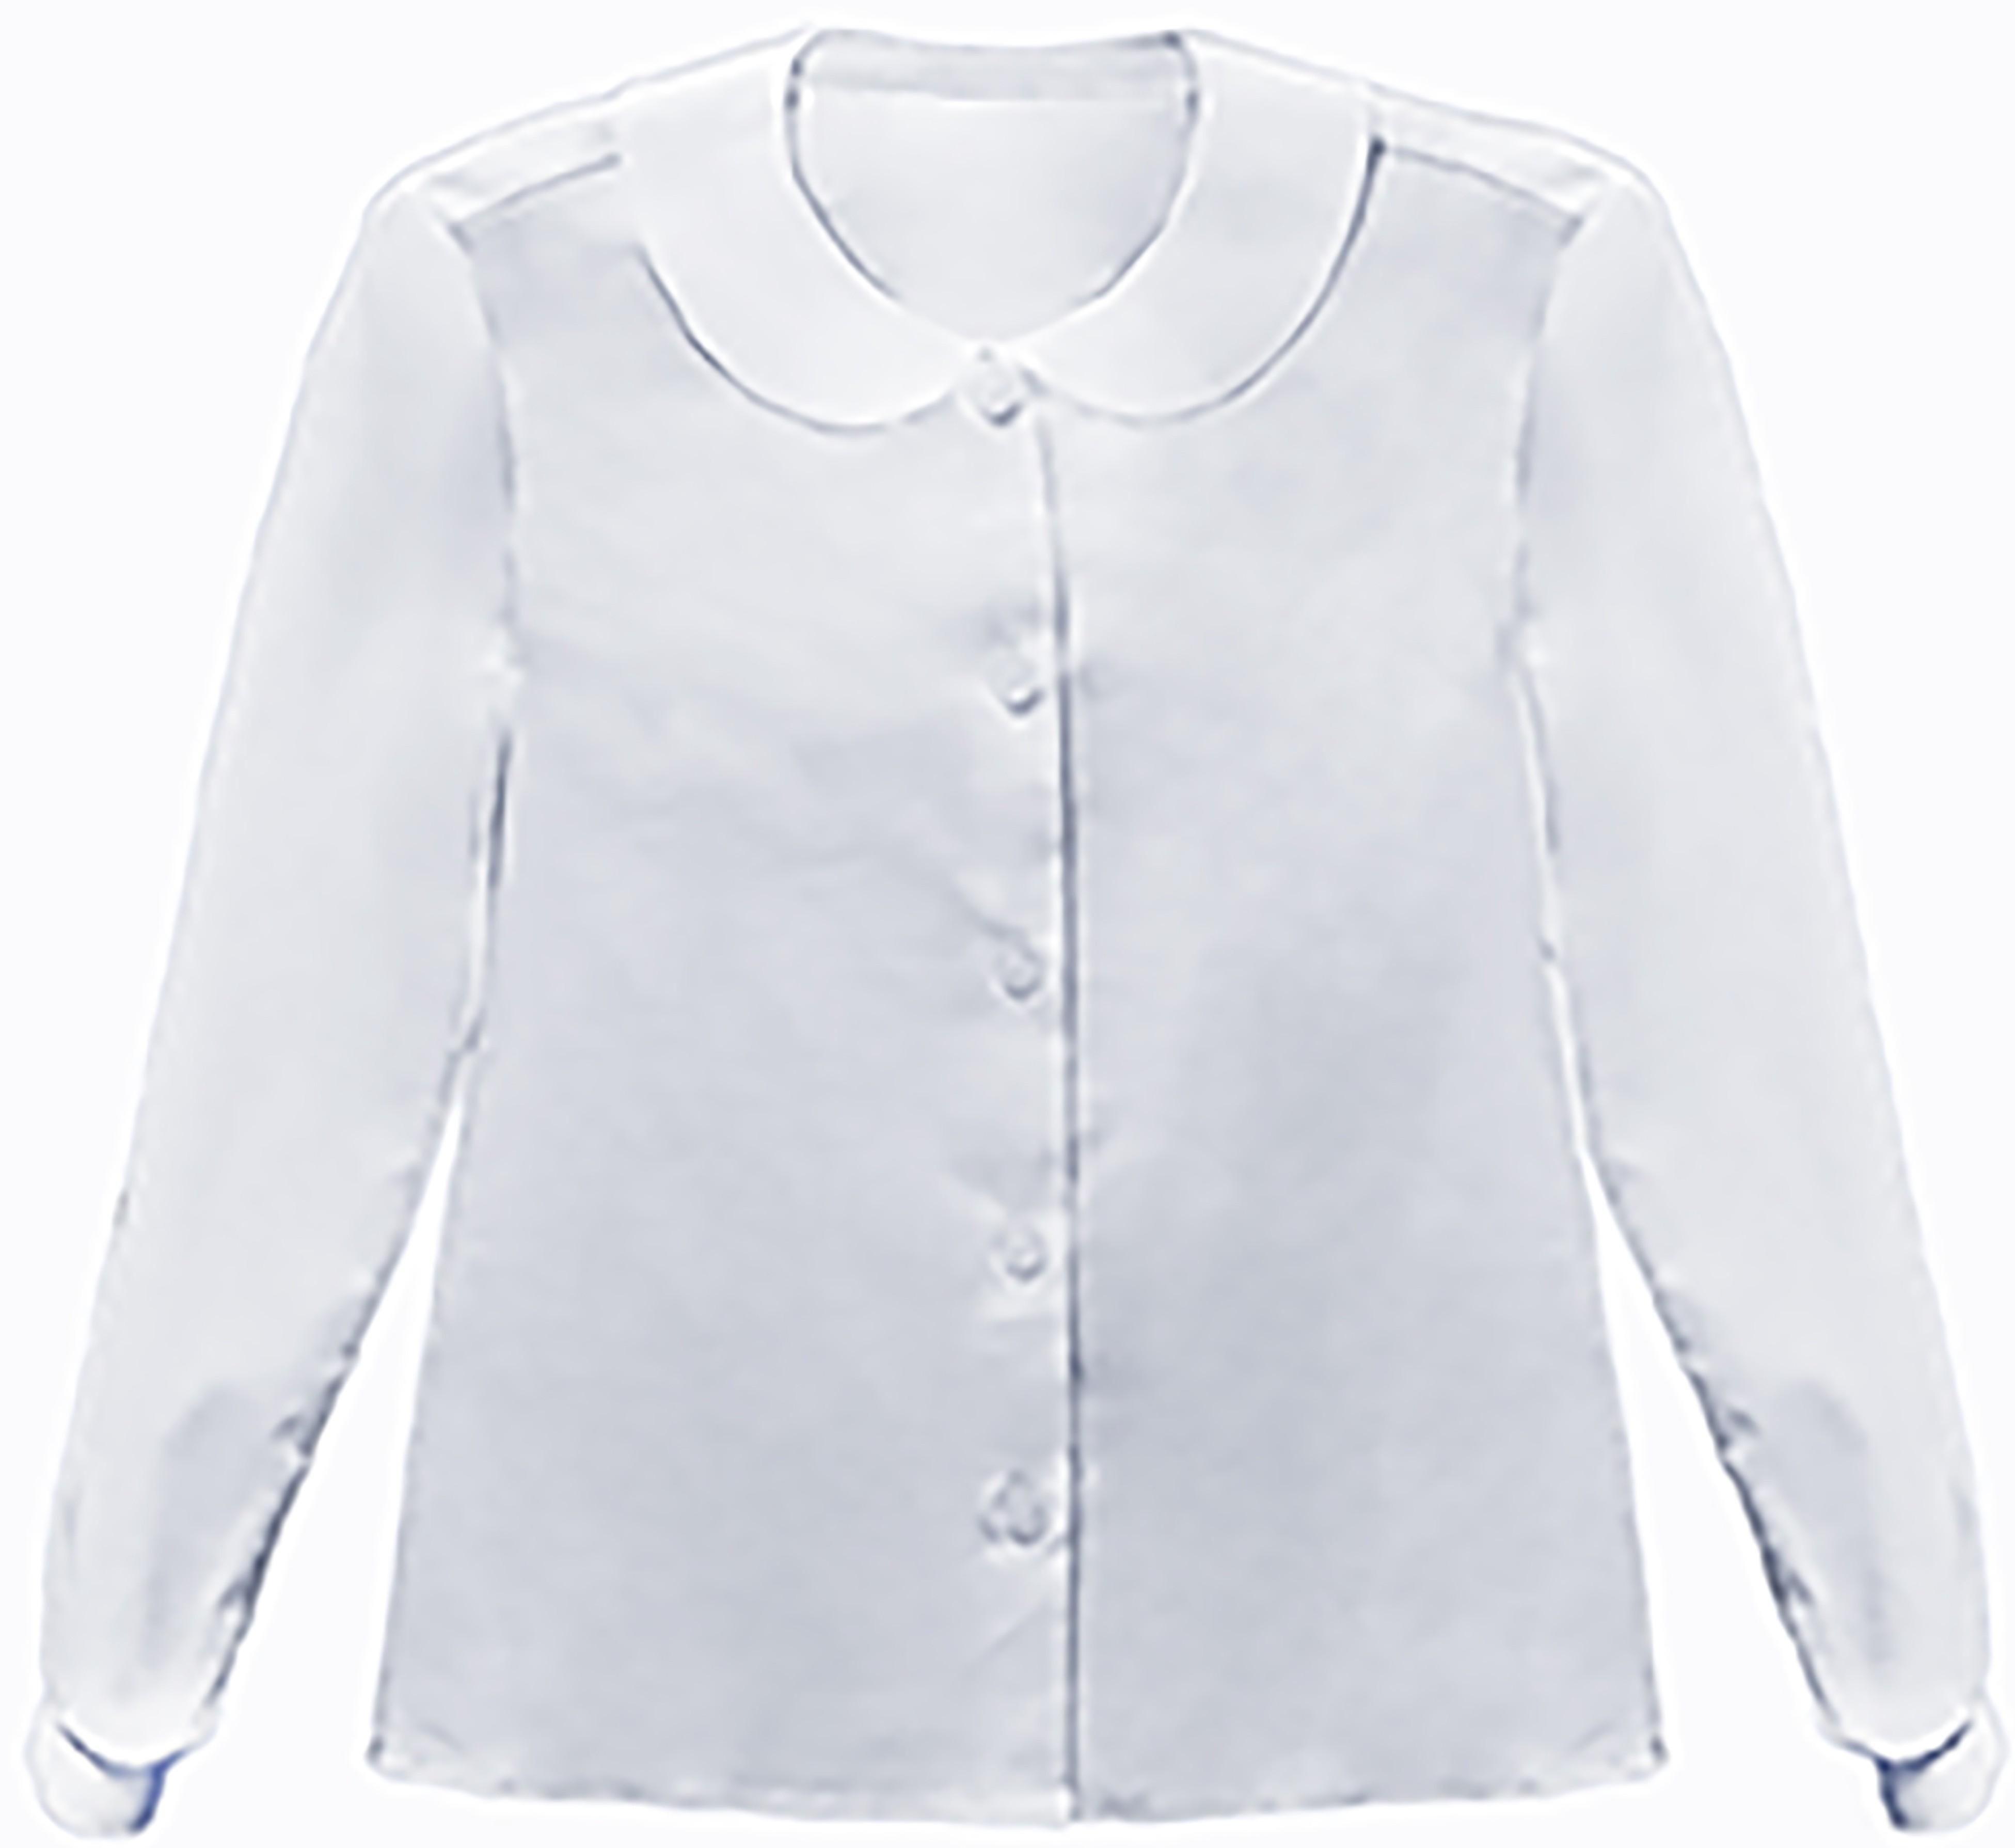 Форма для девочек Смена Блуза для девочки Смена, белая